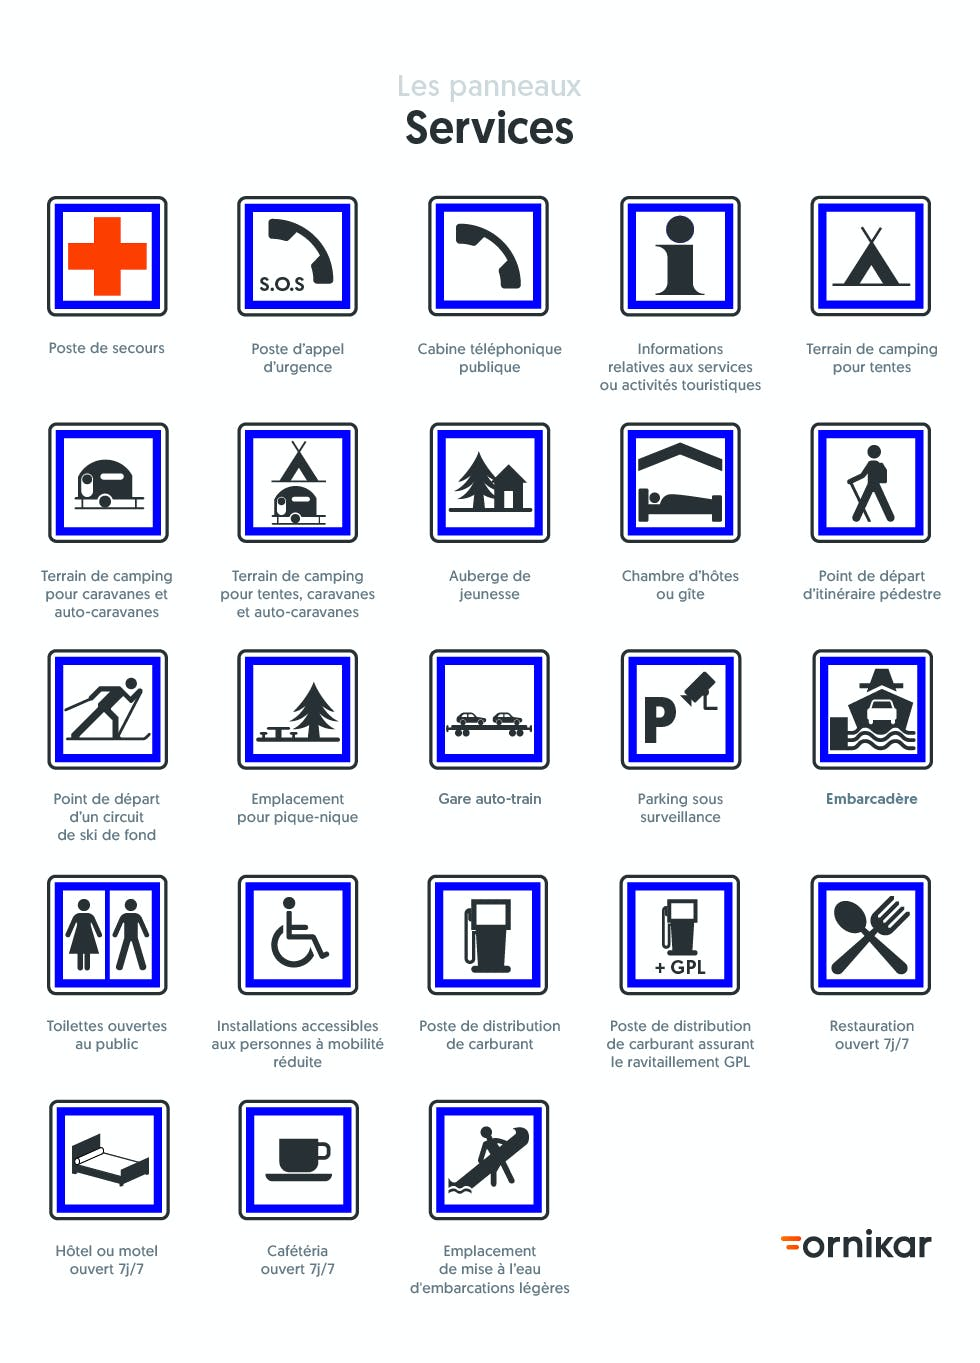 Planche panneau : tous les panneaux de service